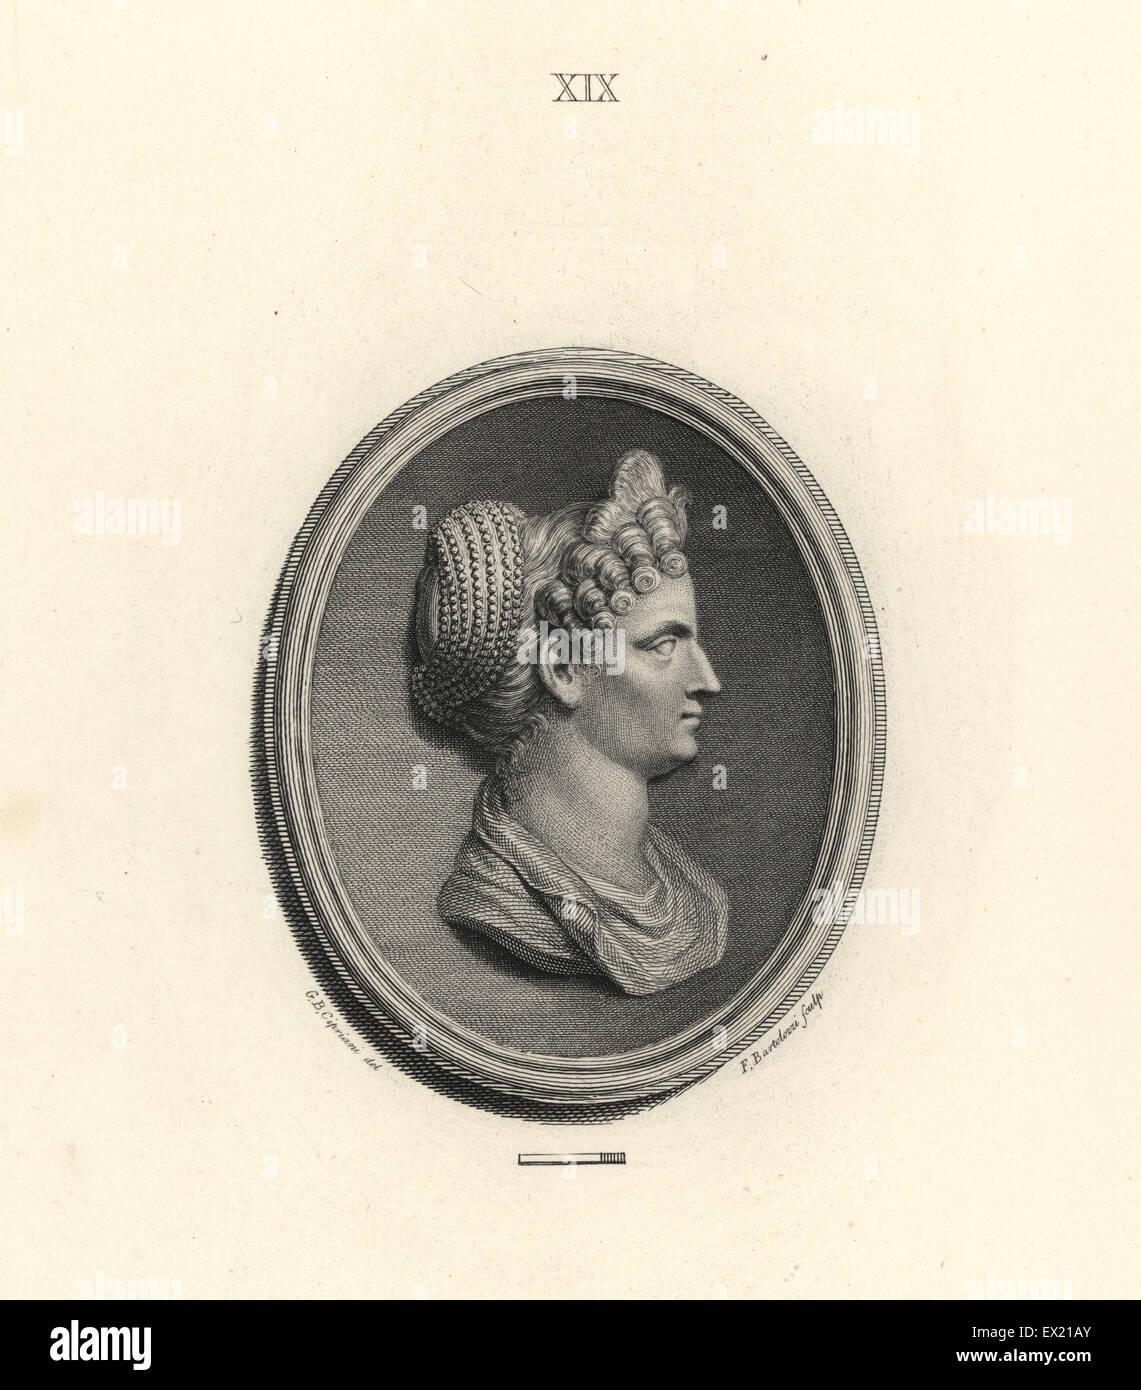 Ulpia Marciana, ältere Schwester des Roman Emperor Trajan. Kupferstich von Francesco Bartolozzi nach einem Stockbild